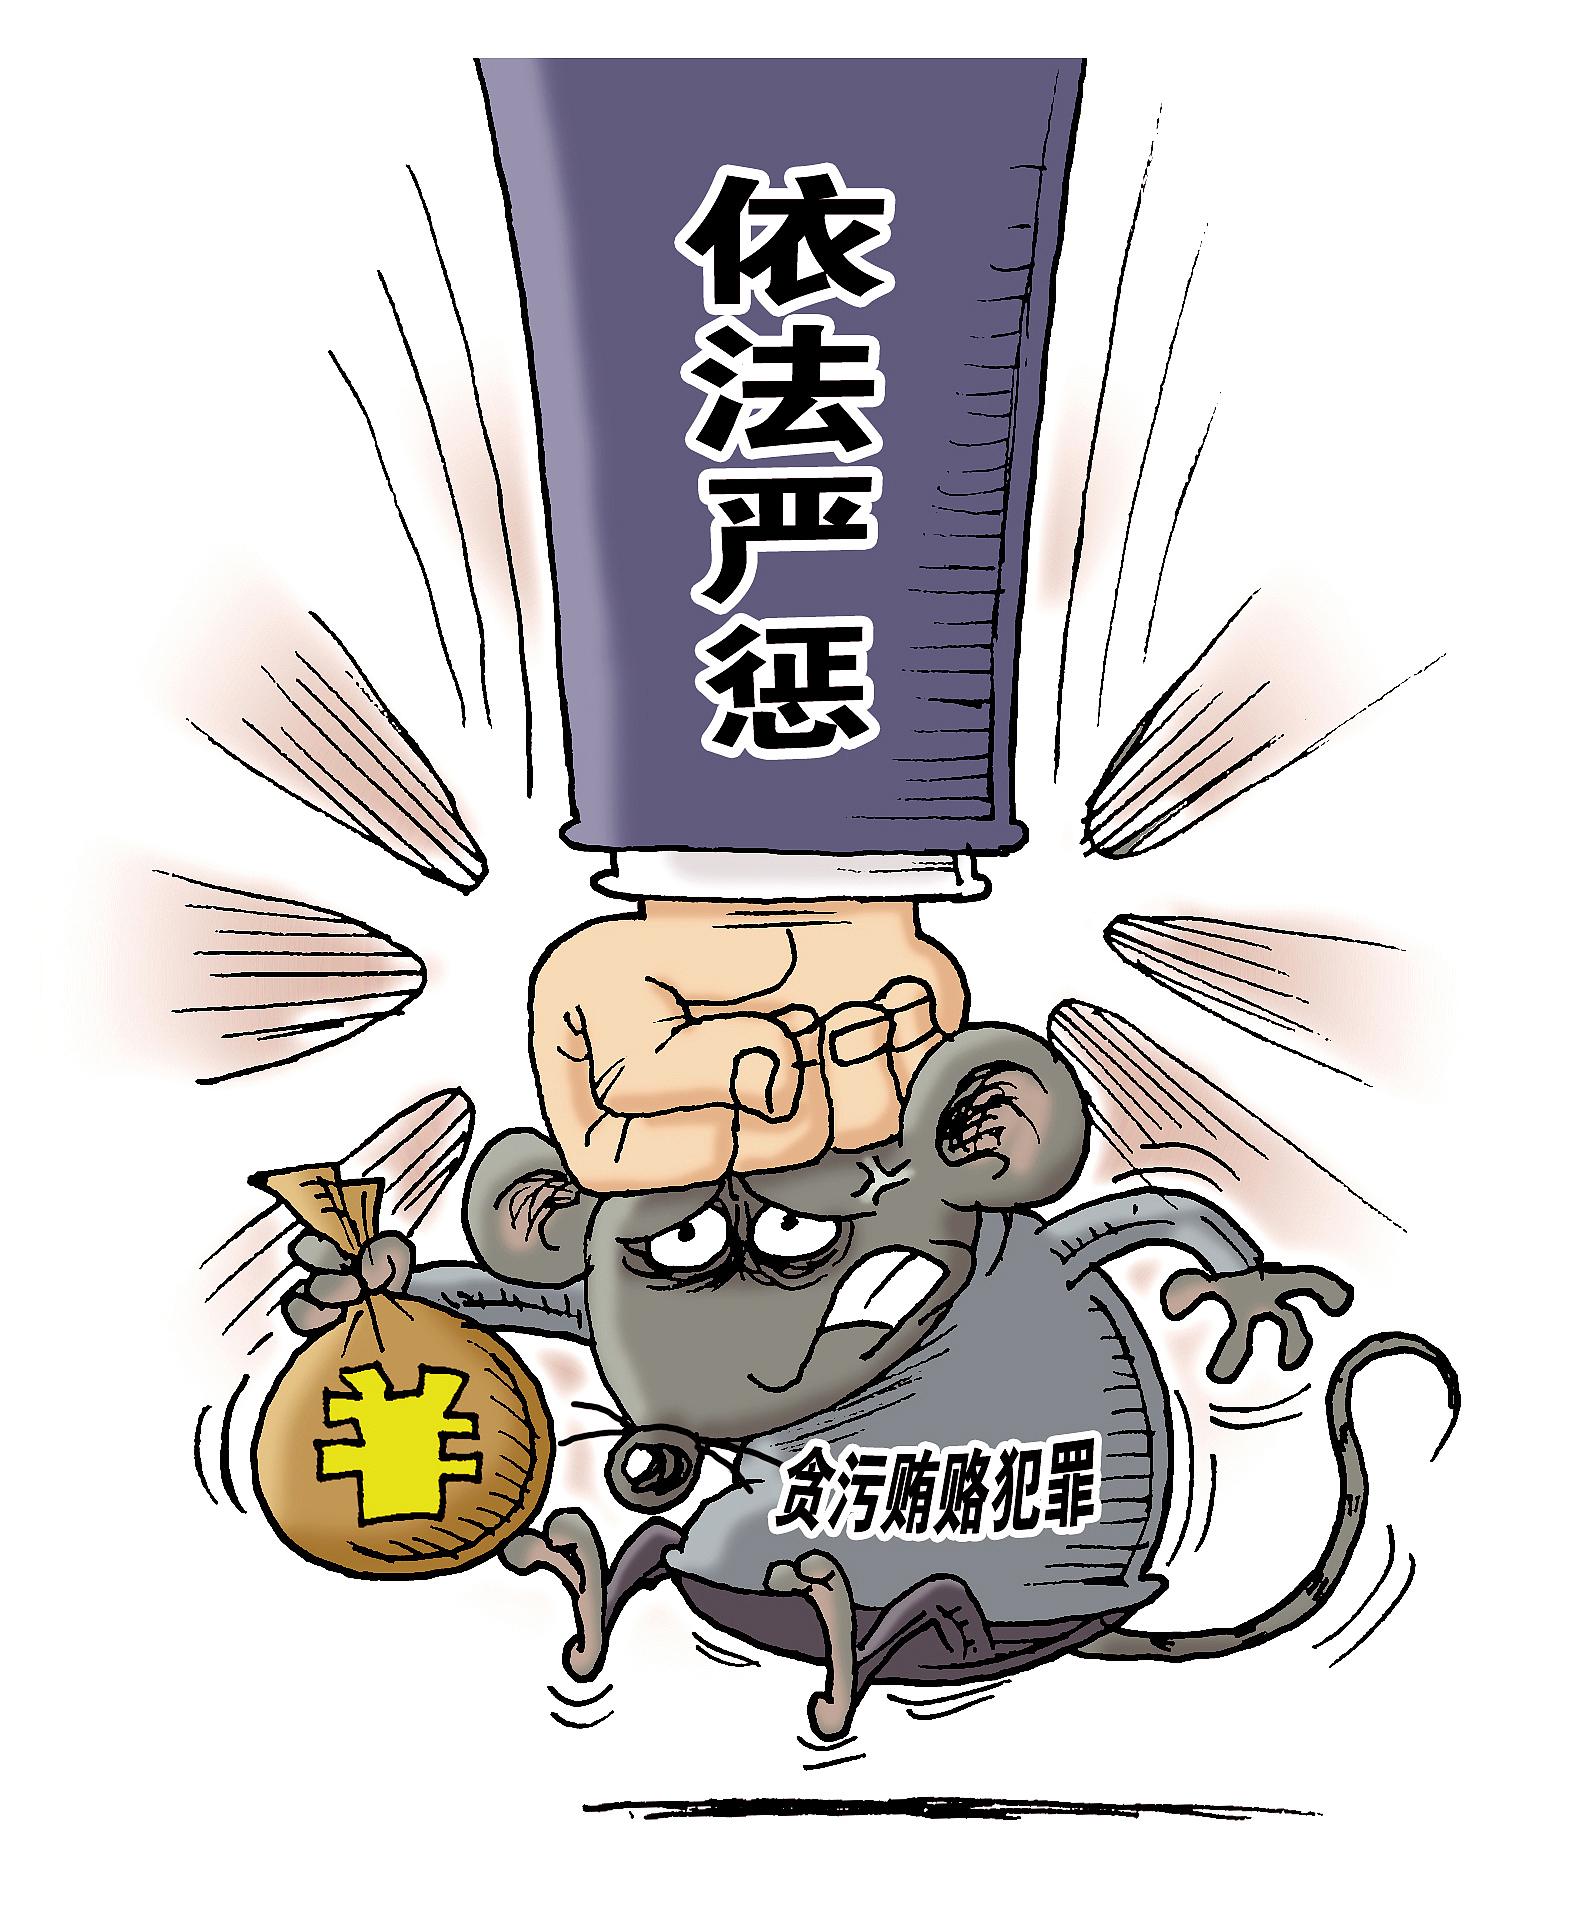 贵阳市综合保税区原党工委副书记